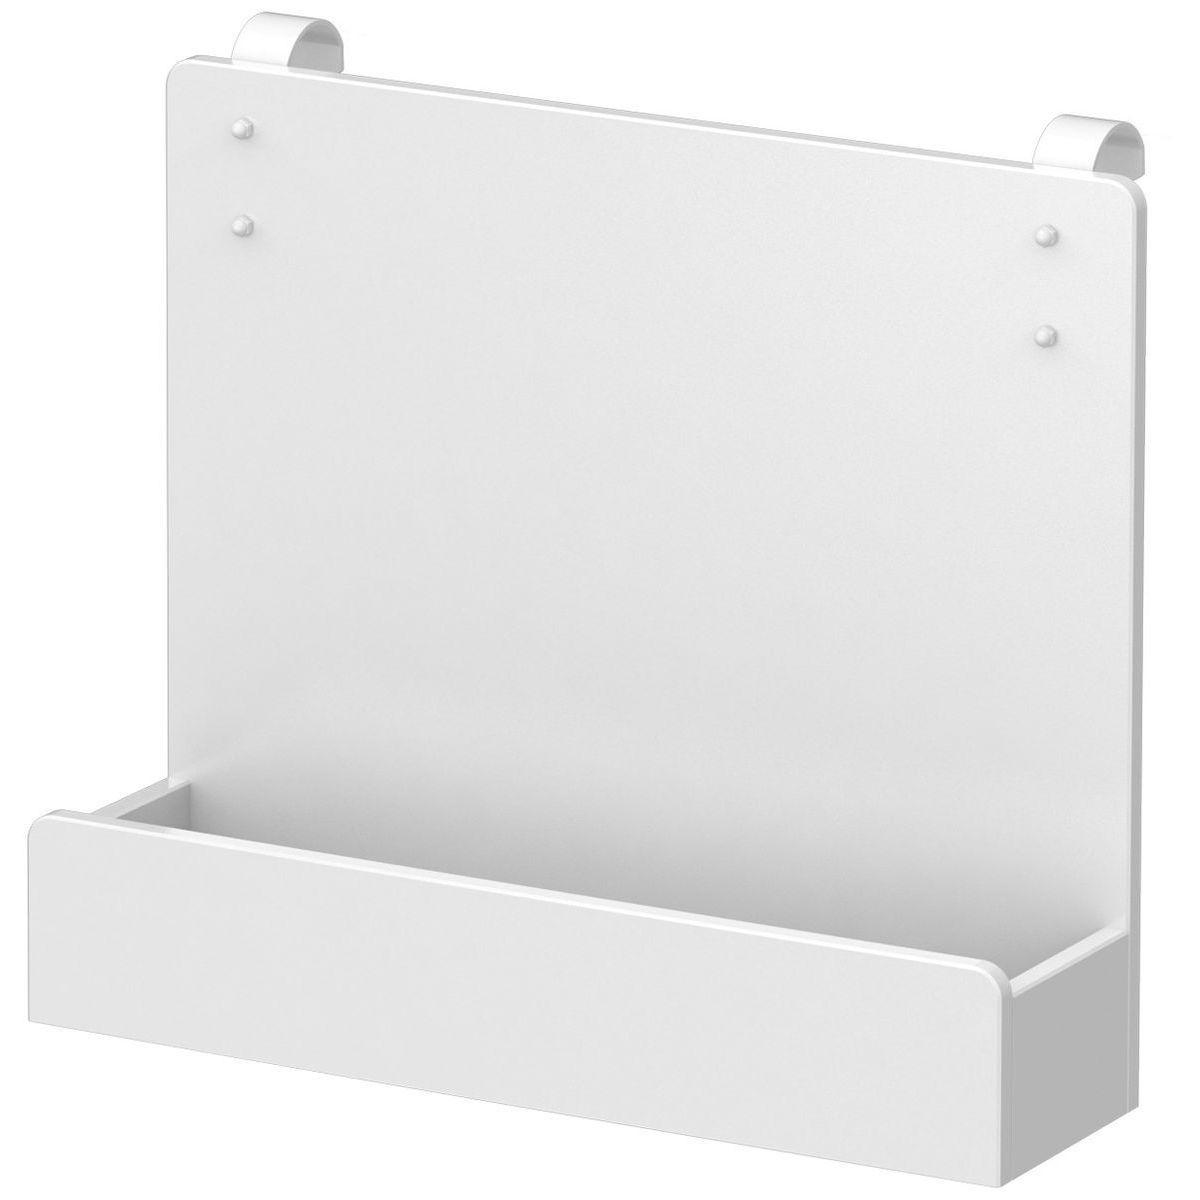 CLICKON by Flexa étagère Blanc pour lit White ou à suspendre